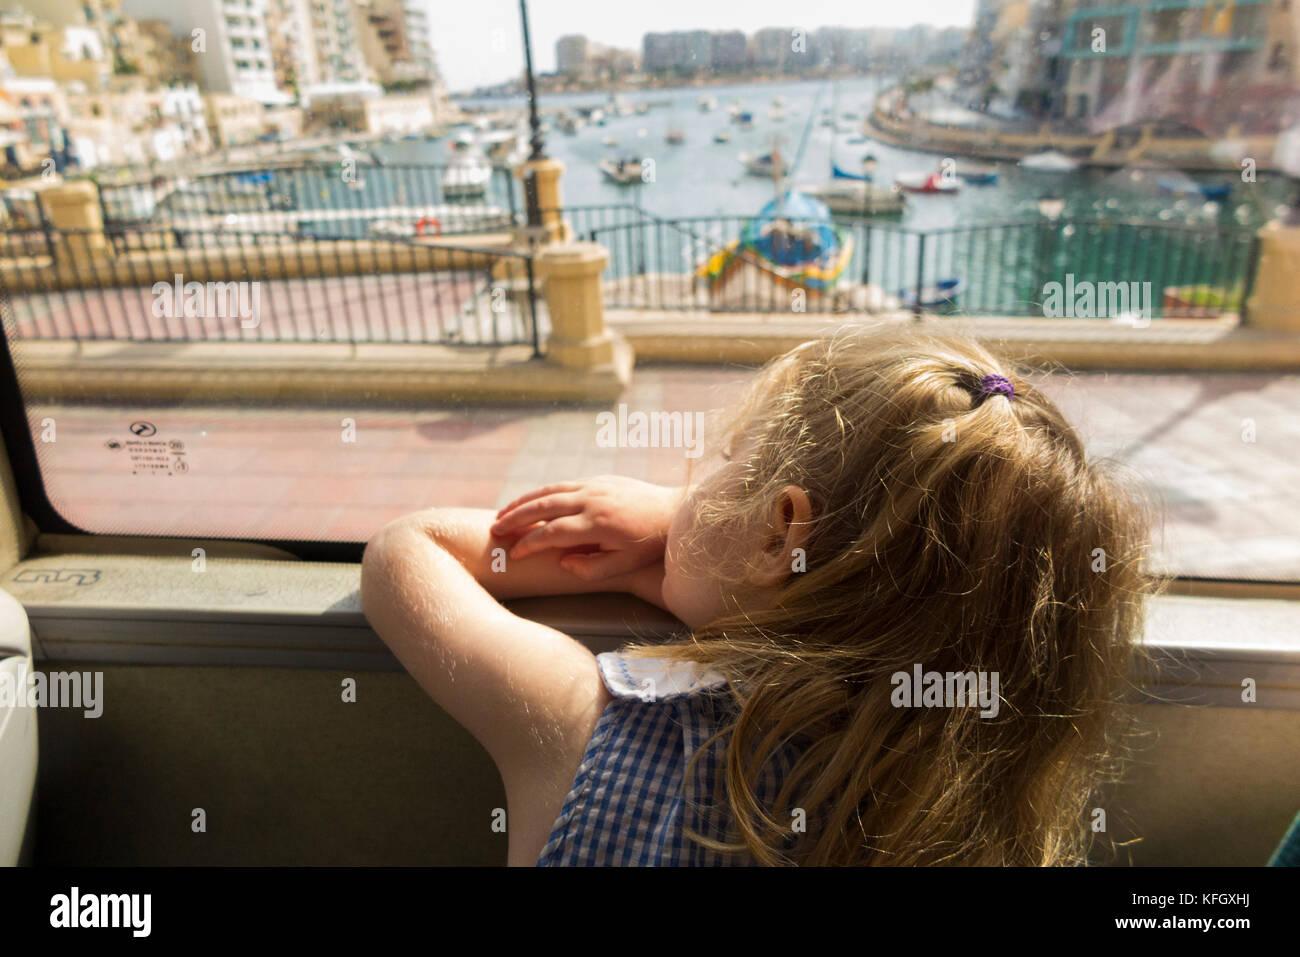 Trois ans, fille / enfant / passager / passagers voyageant sur un bus public / en utilisant les transports publics Photo Stock